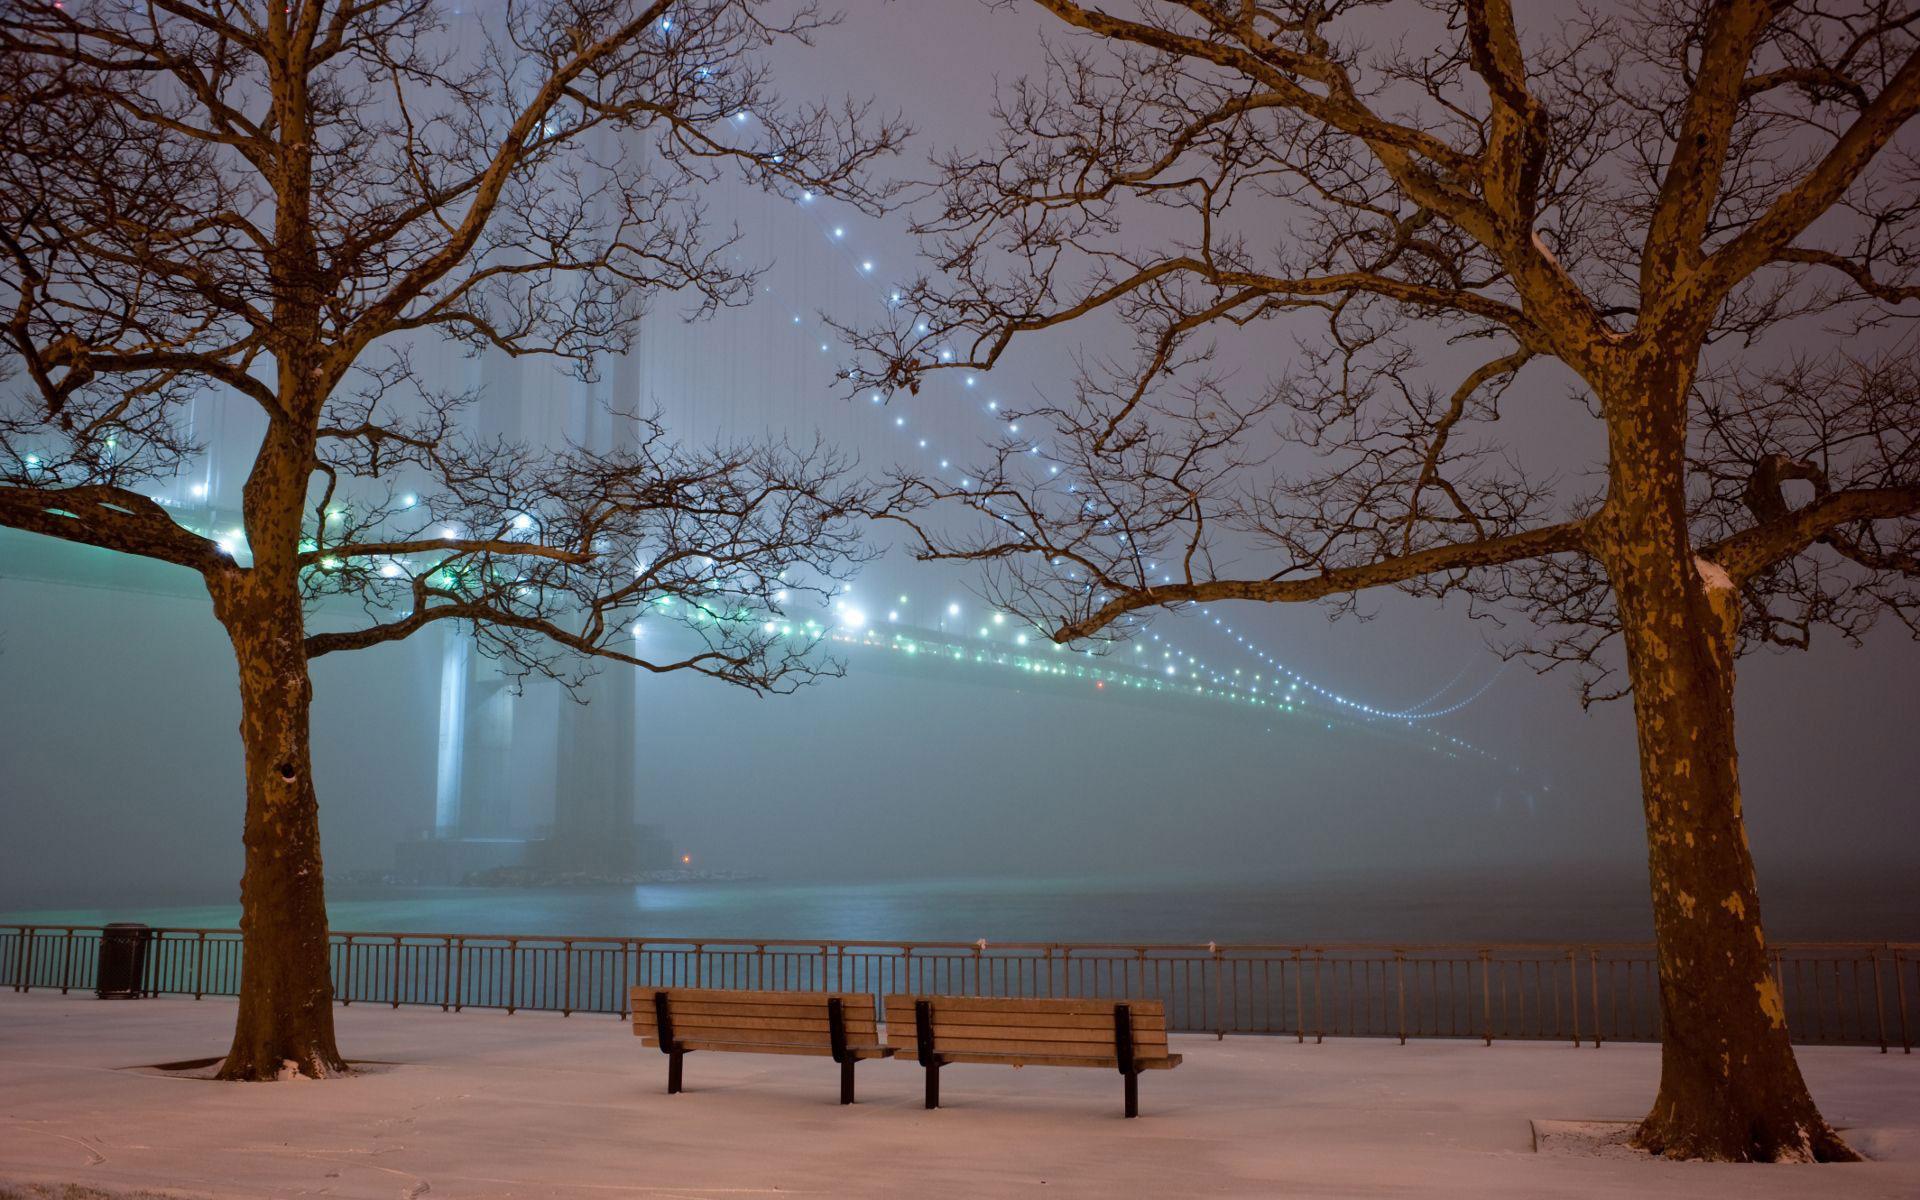 парк скамья мост в тумане с огнями успокаивающие картинки